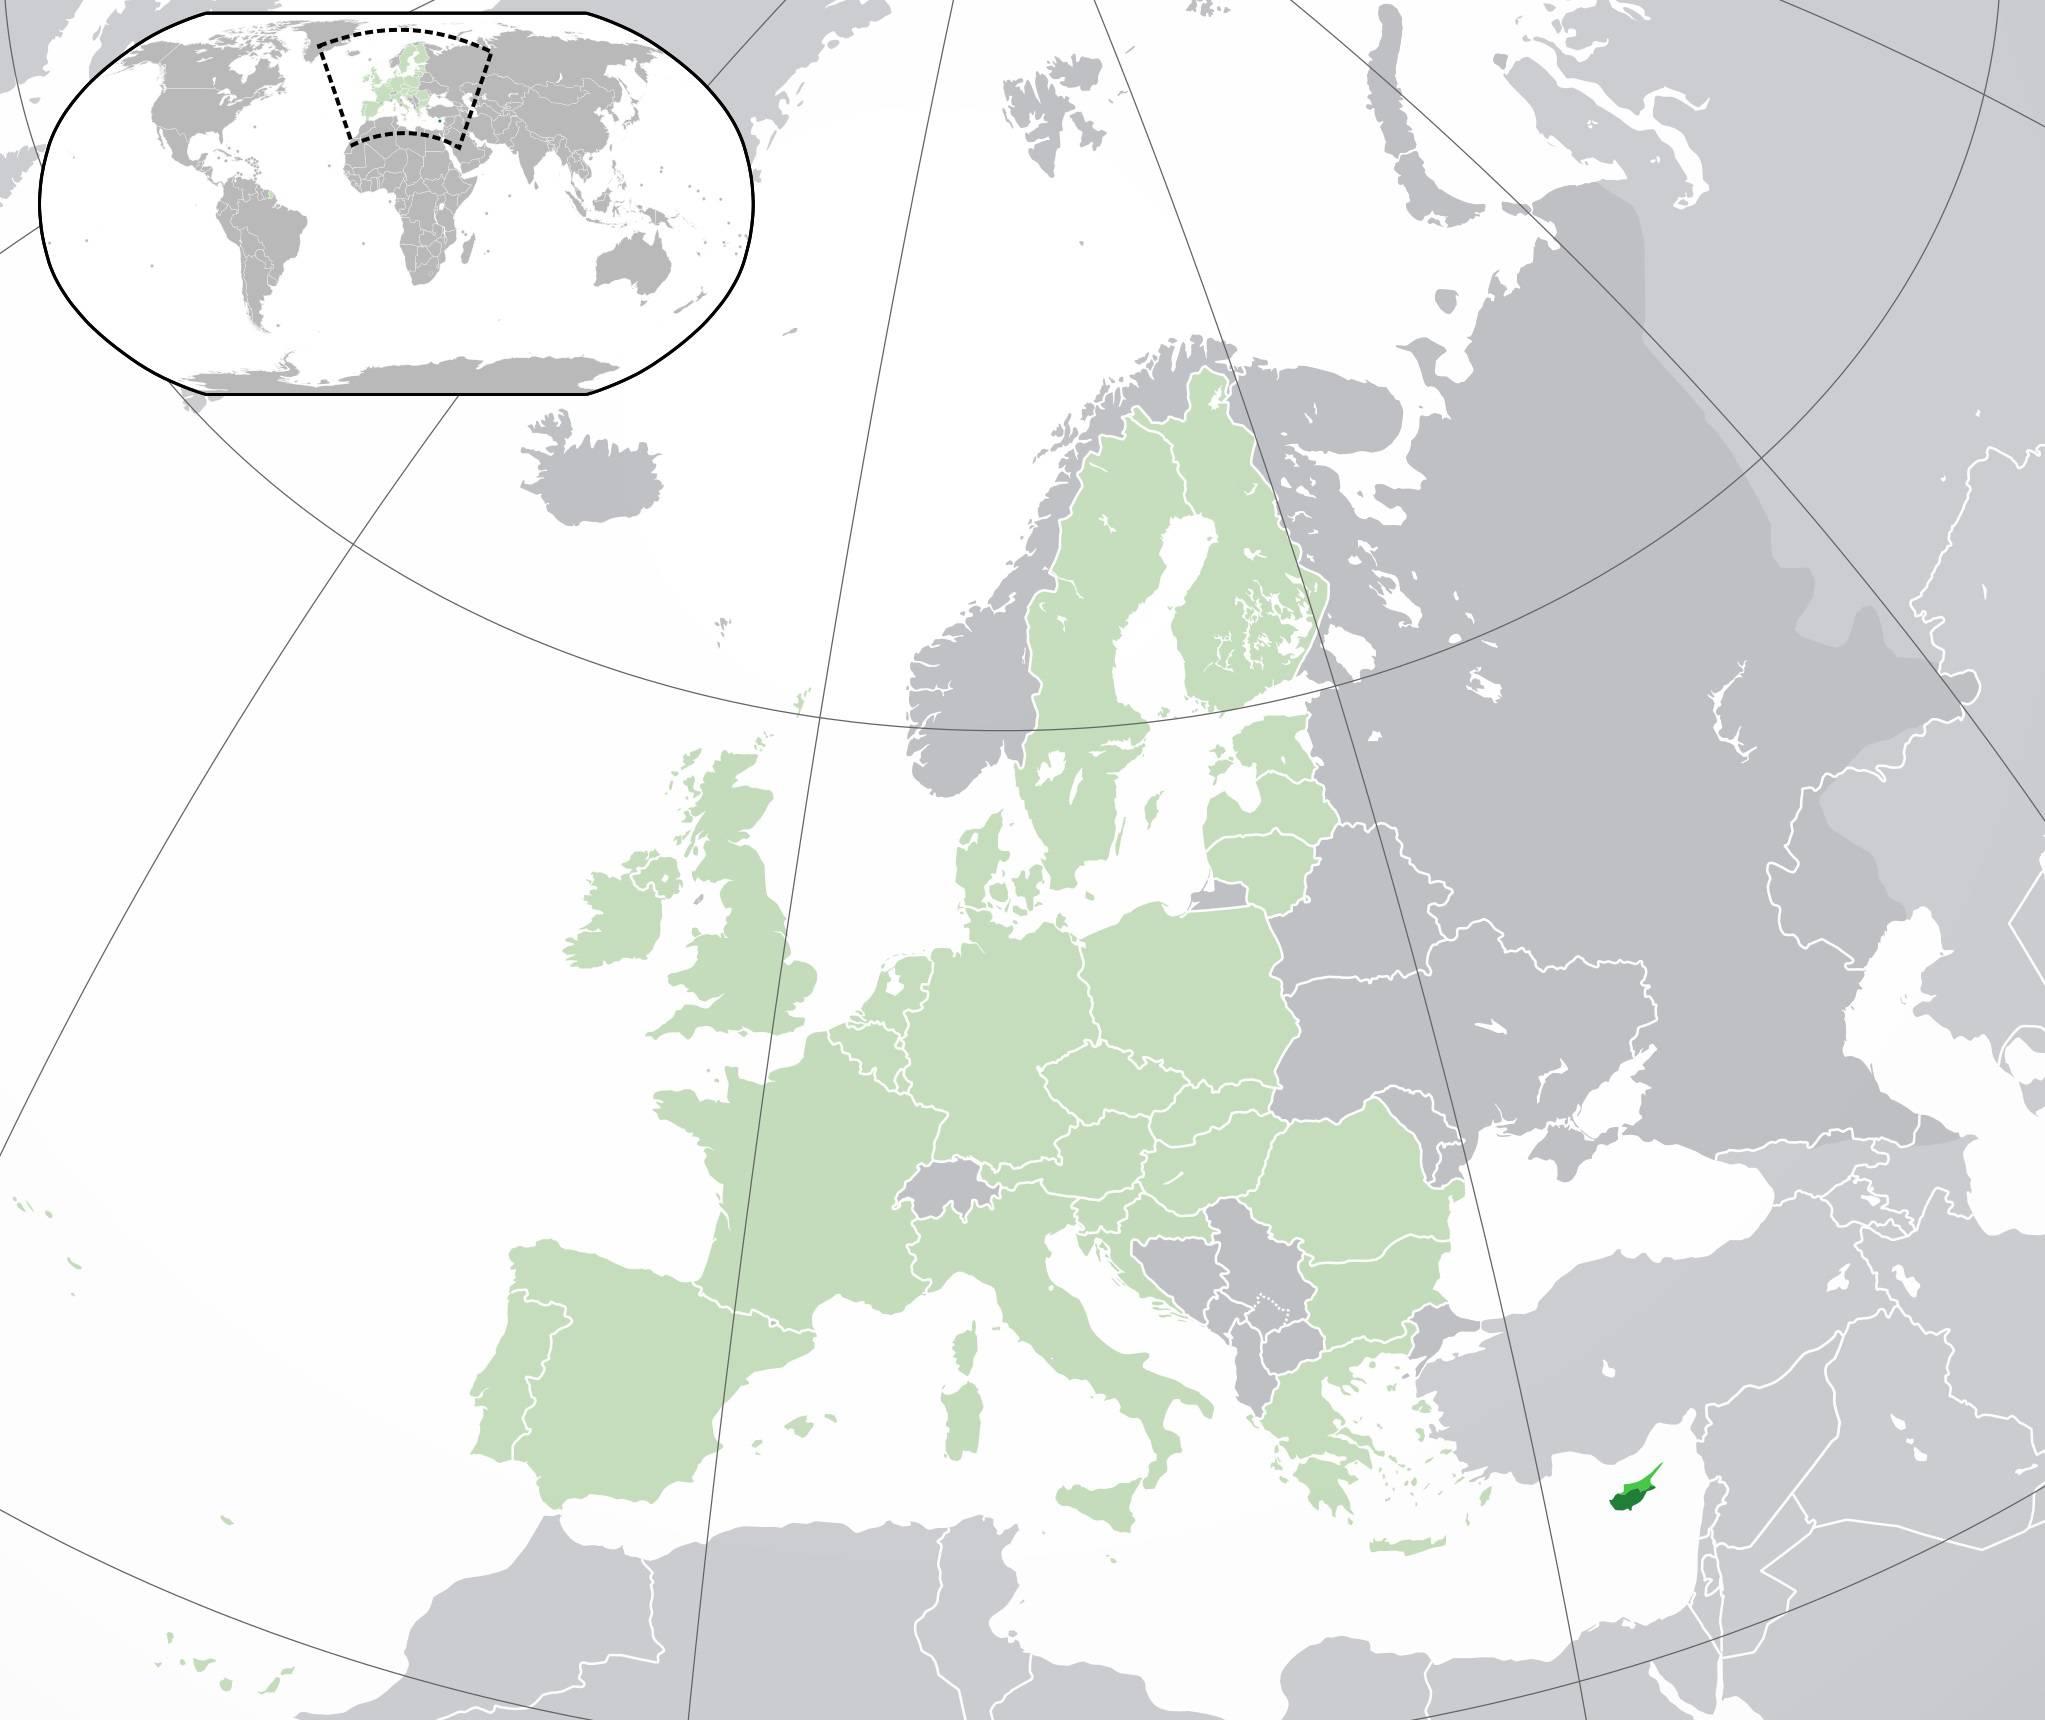 Chypre sur une carte de l'Europe